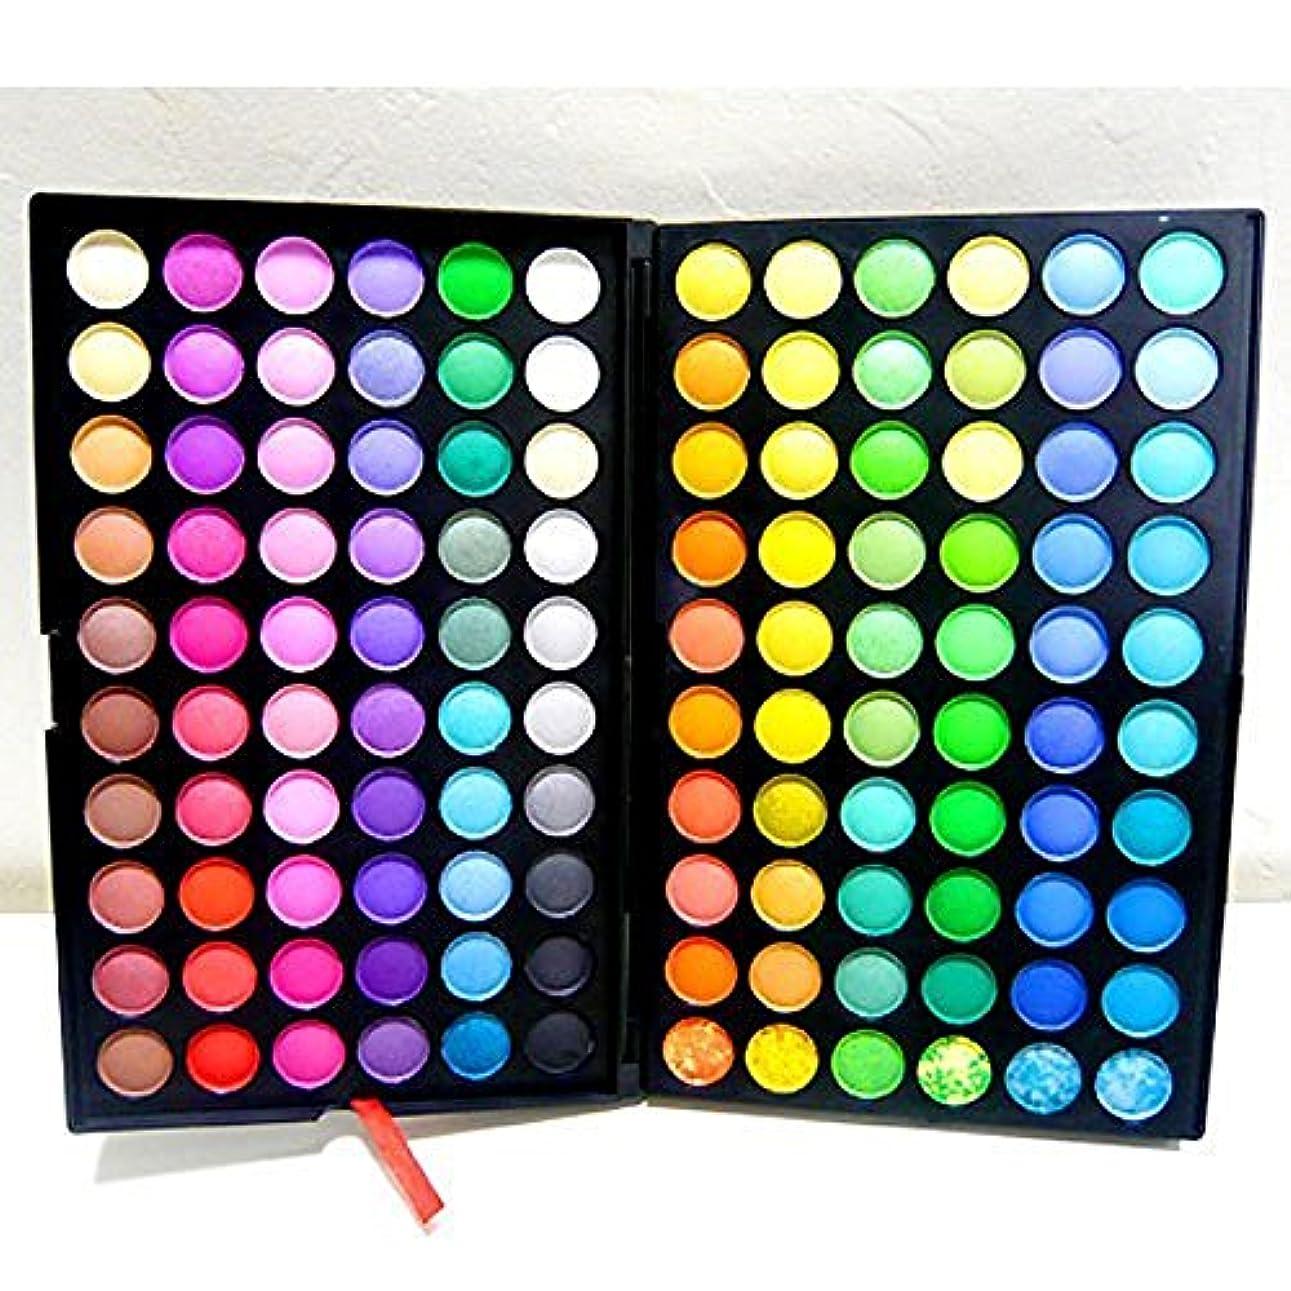 有害重なるバンジョー入荷しました【LuxuryRose】発色が素晴らしい!120カラーアイシャドウパレット